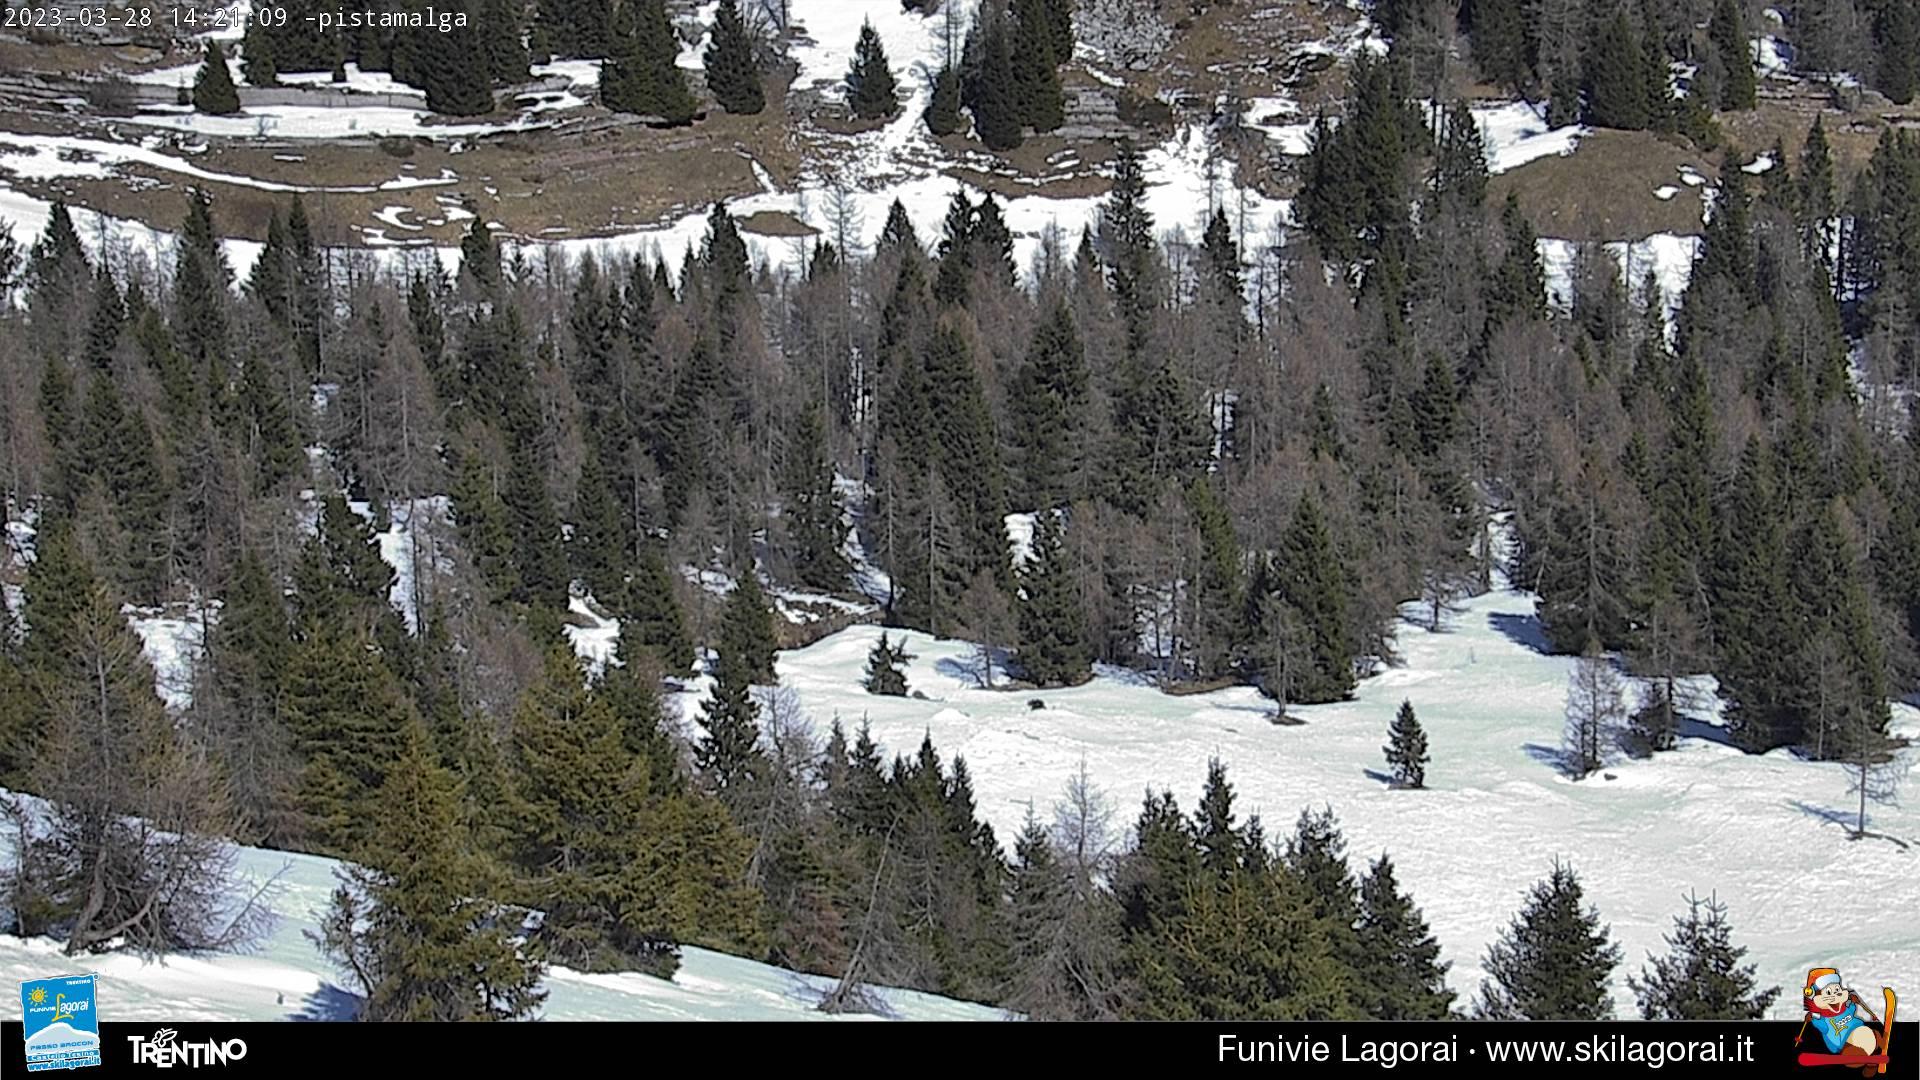 Webcam Pista Malga e partenza seggiovia Valfontane